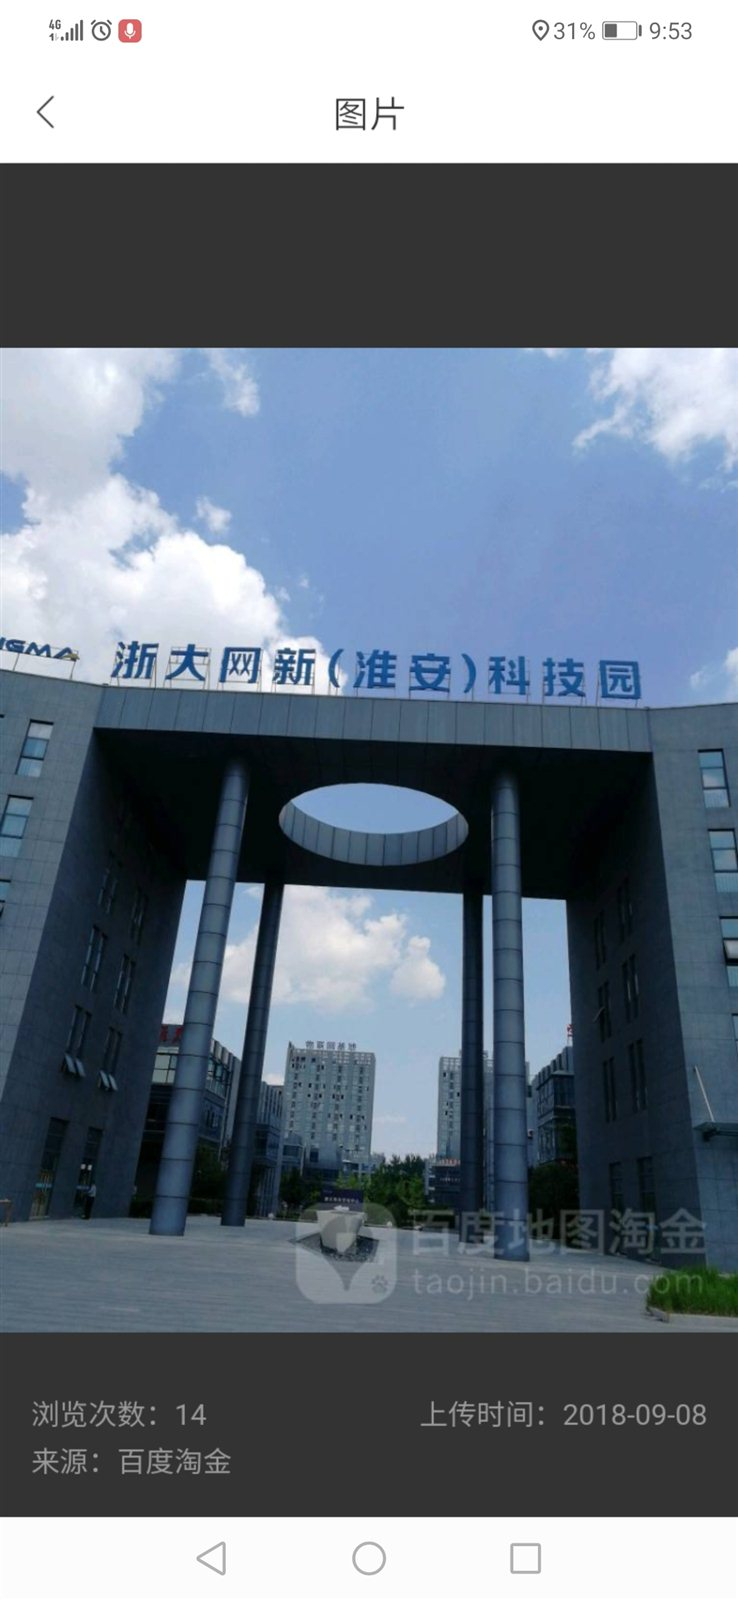 浙大网新科技园1室 1厅 1卫22万元